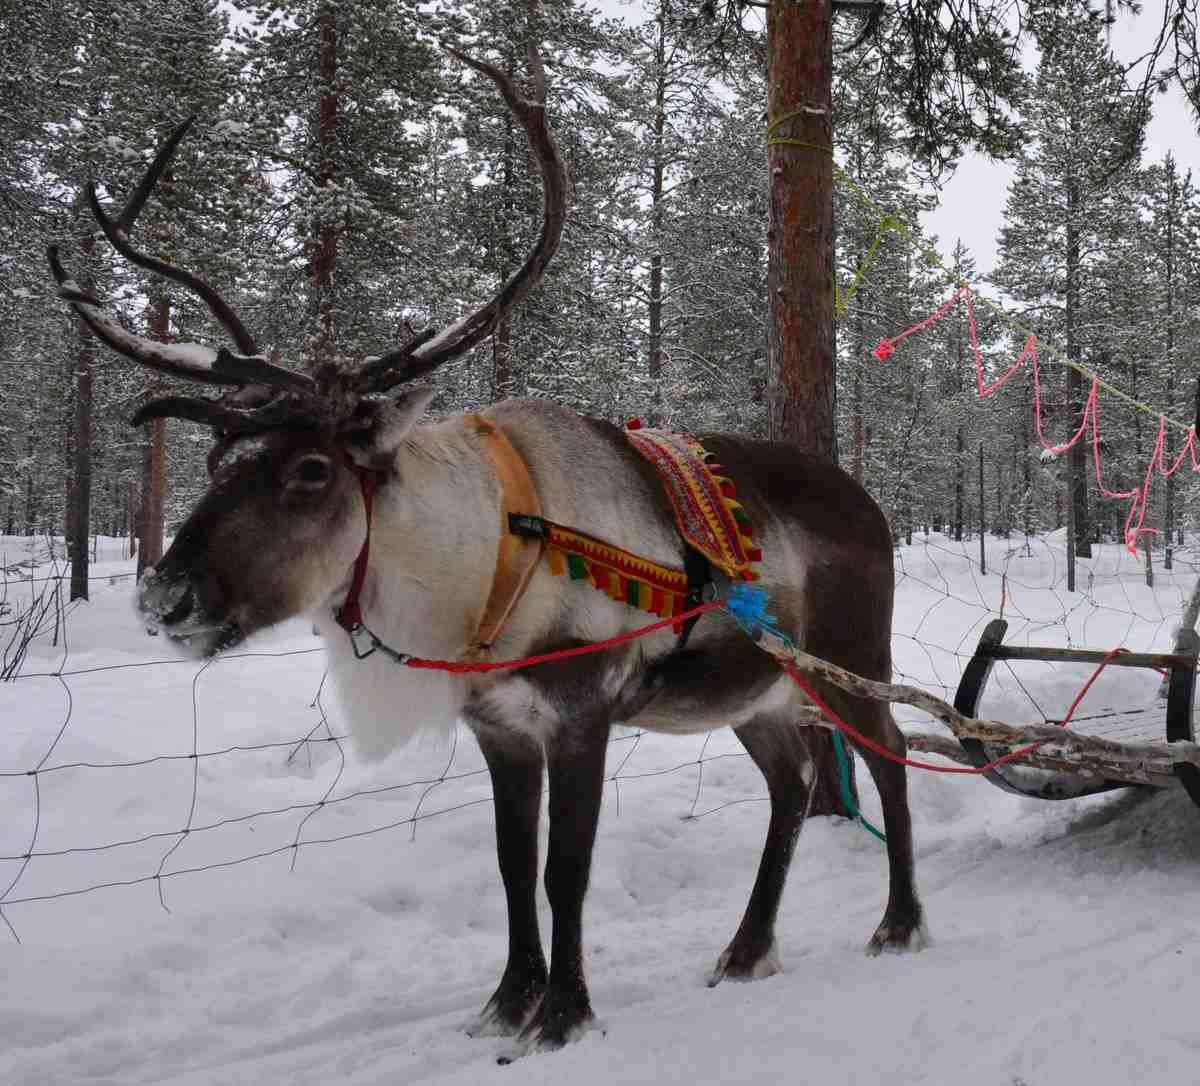 (FOTO: Liane Gruda) Auf dem Schlitten geht es mit den Rentiere durch die verschneite Landschaft Schwedisch-Lapplands.